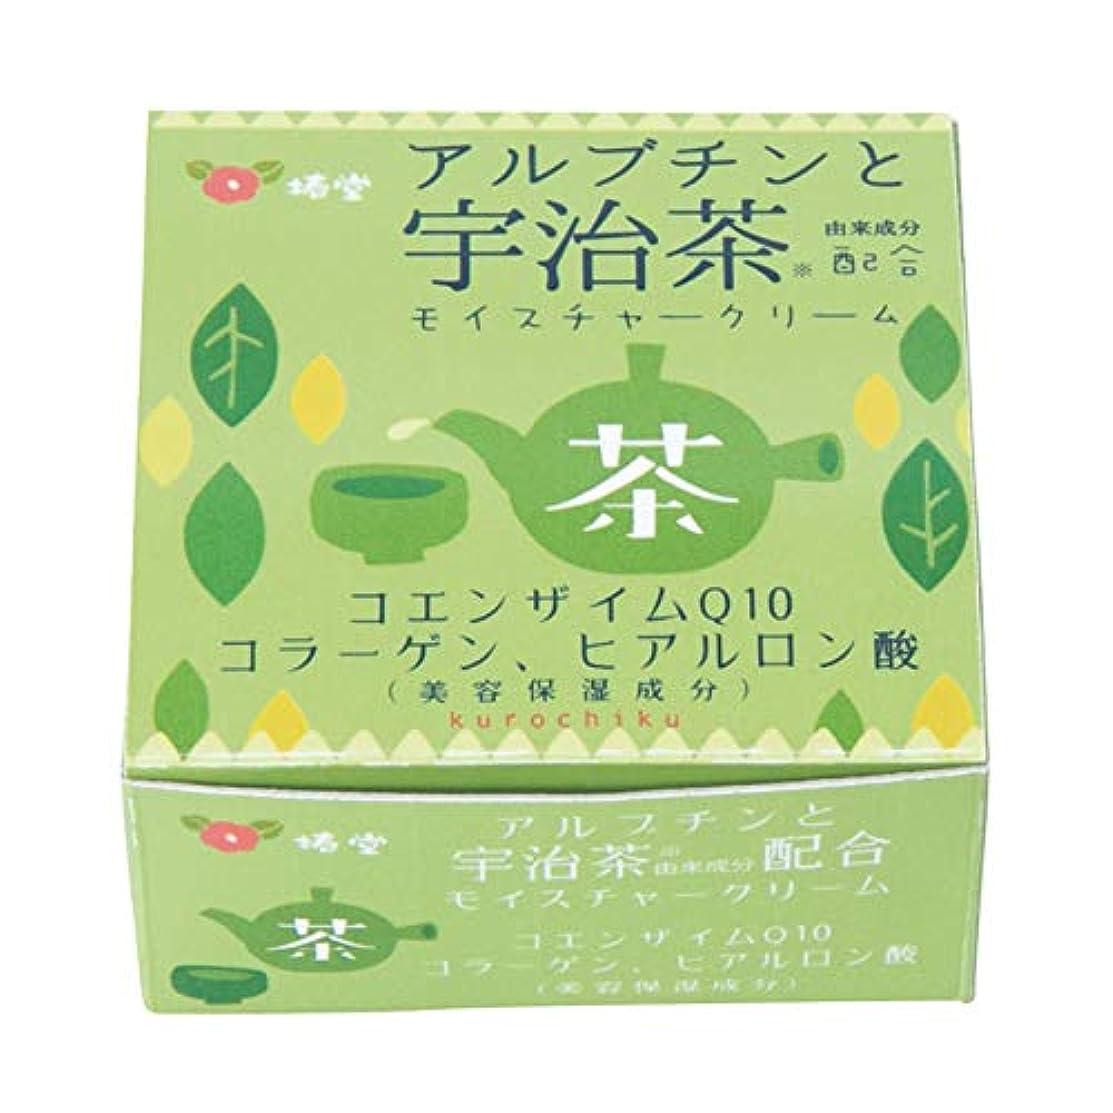 母性喜び船外椿堂 宇治茶モイスチャークリーム (アルブチンと宇治茶) 京都くろちく